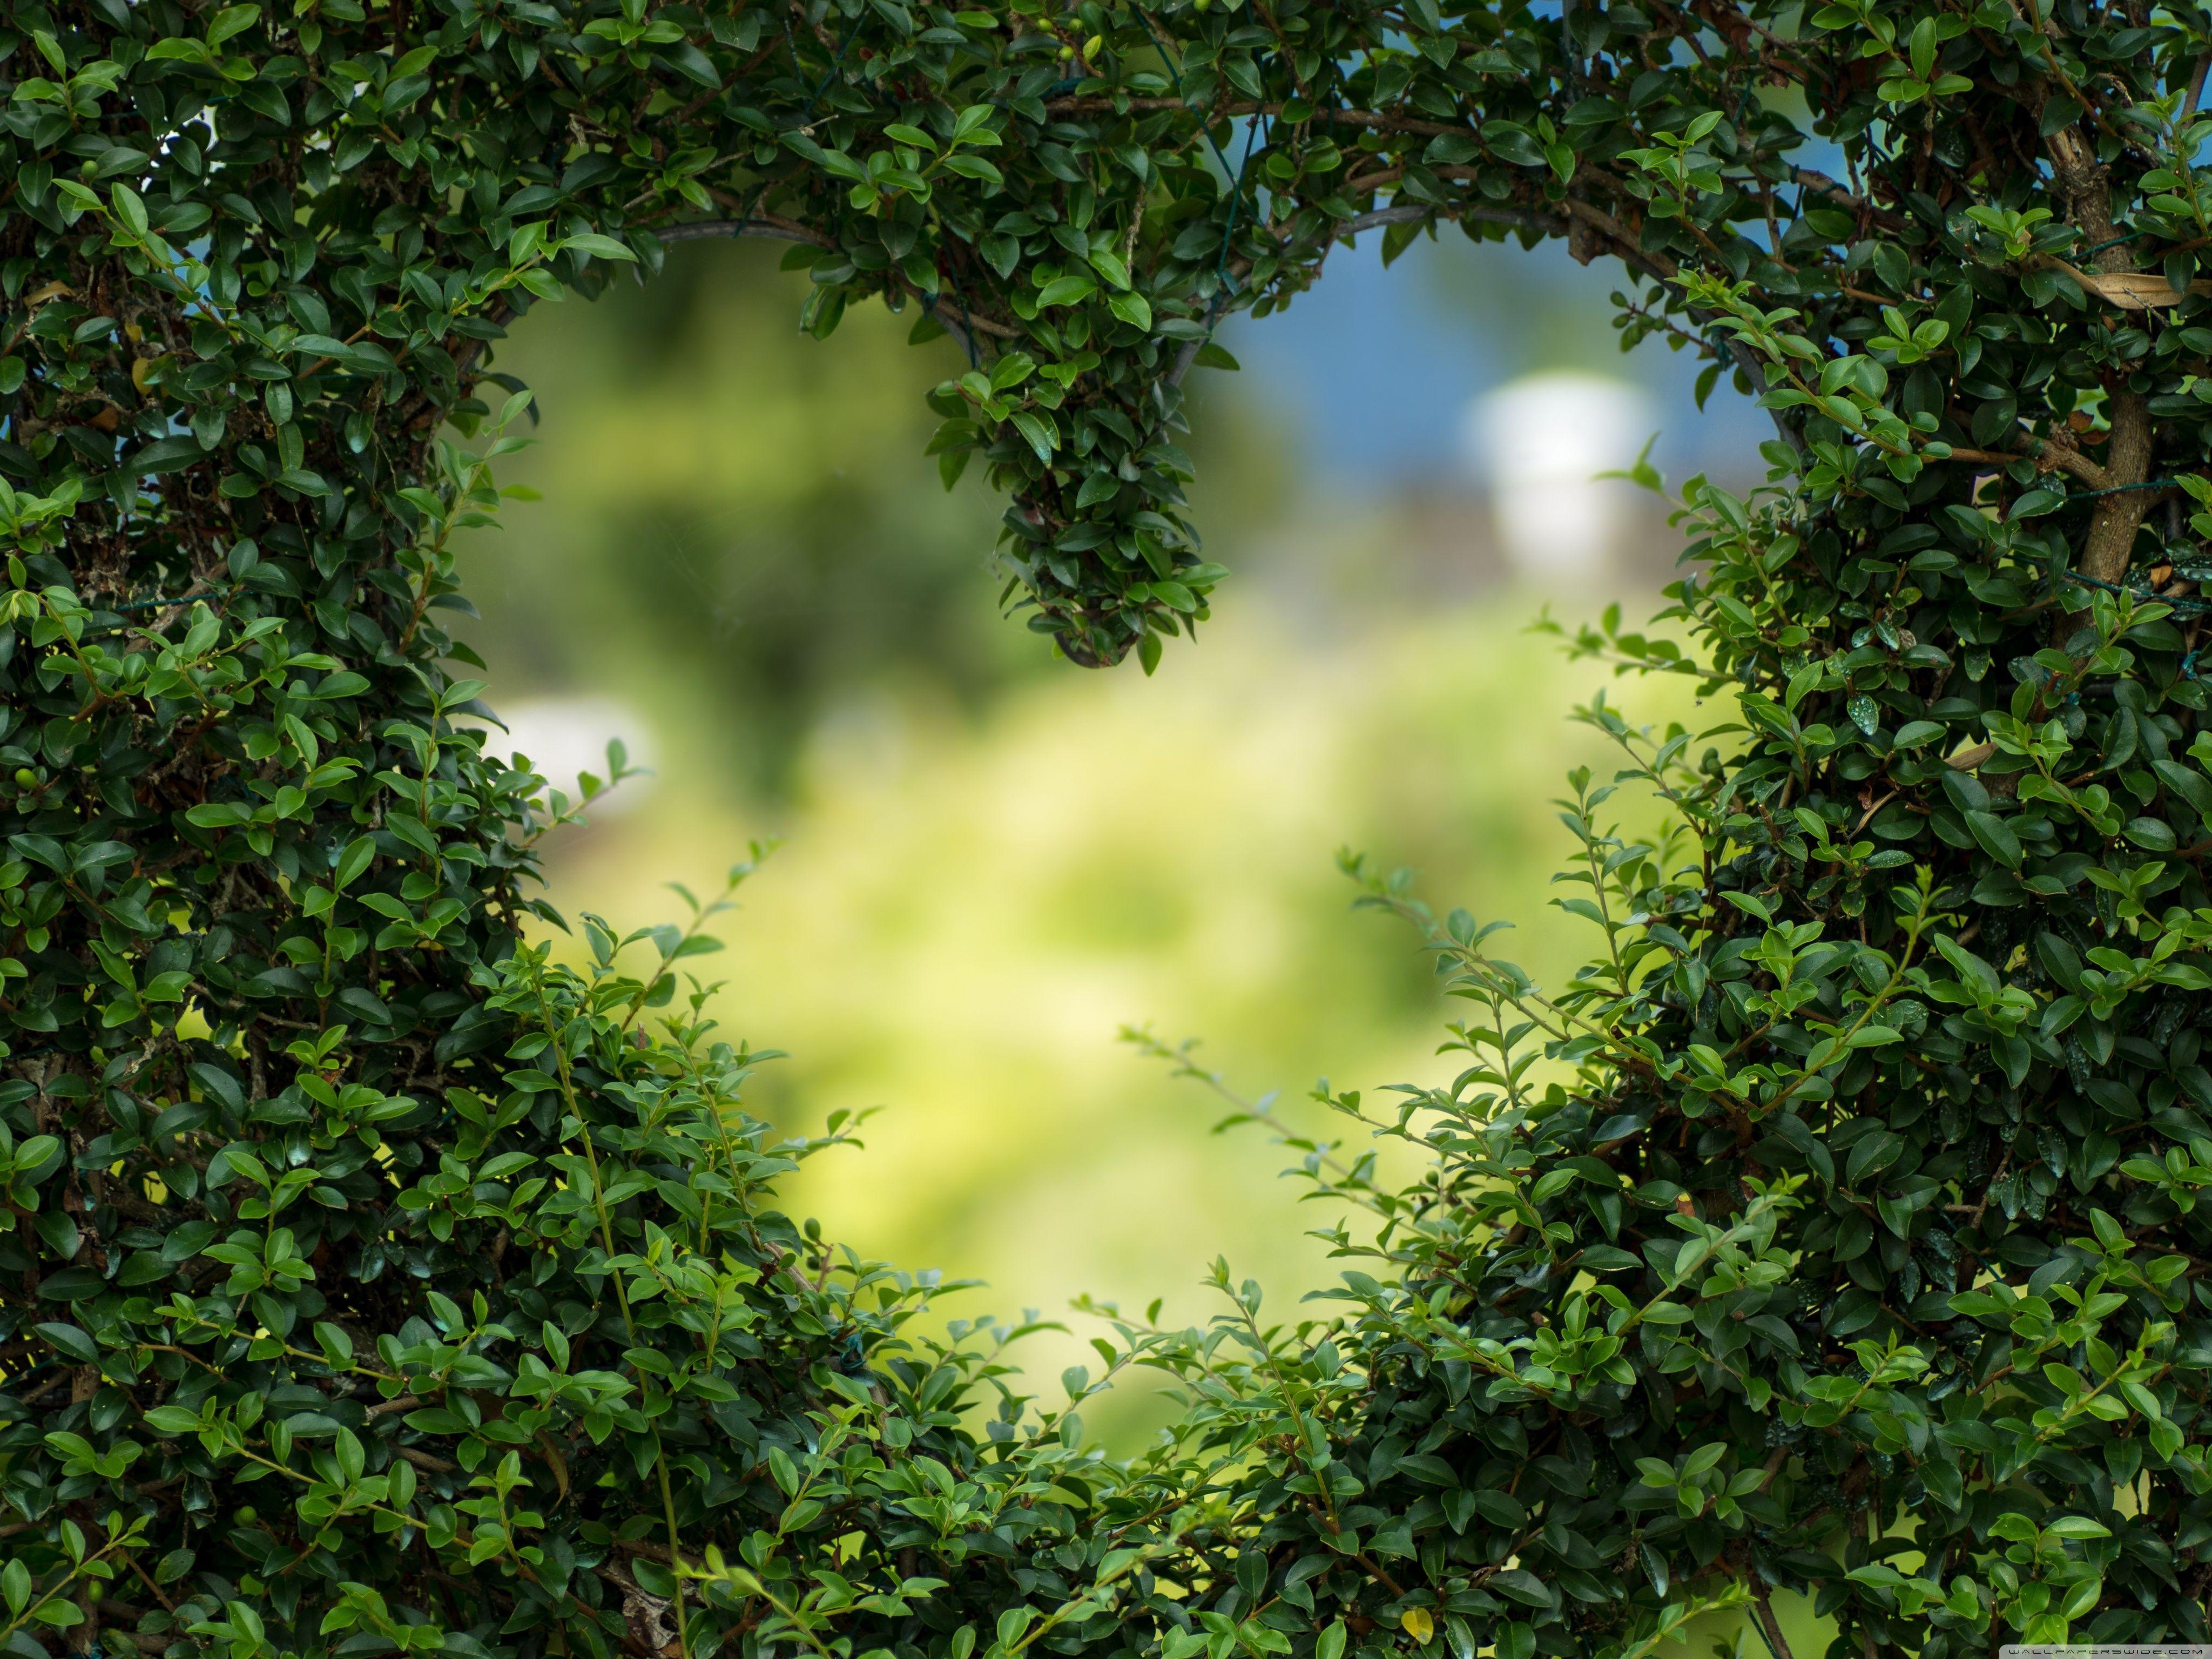 Heart Background HD Desktop Wallpaper Widescreen High